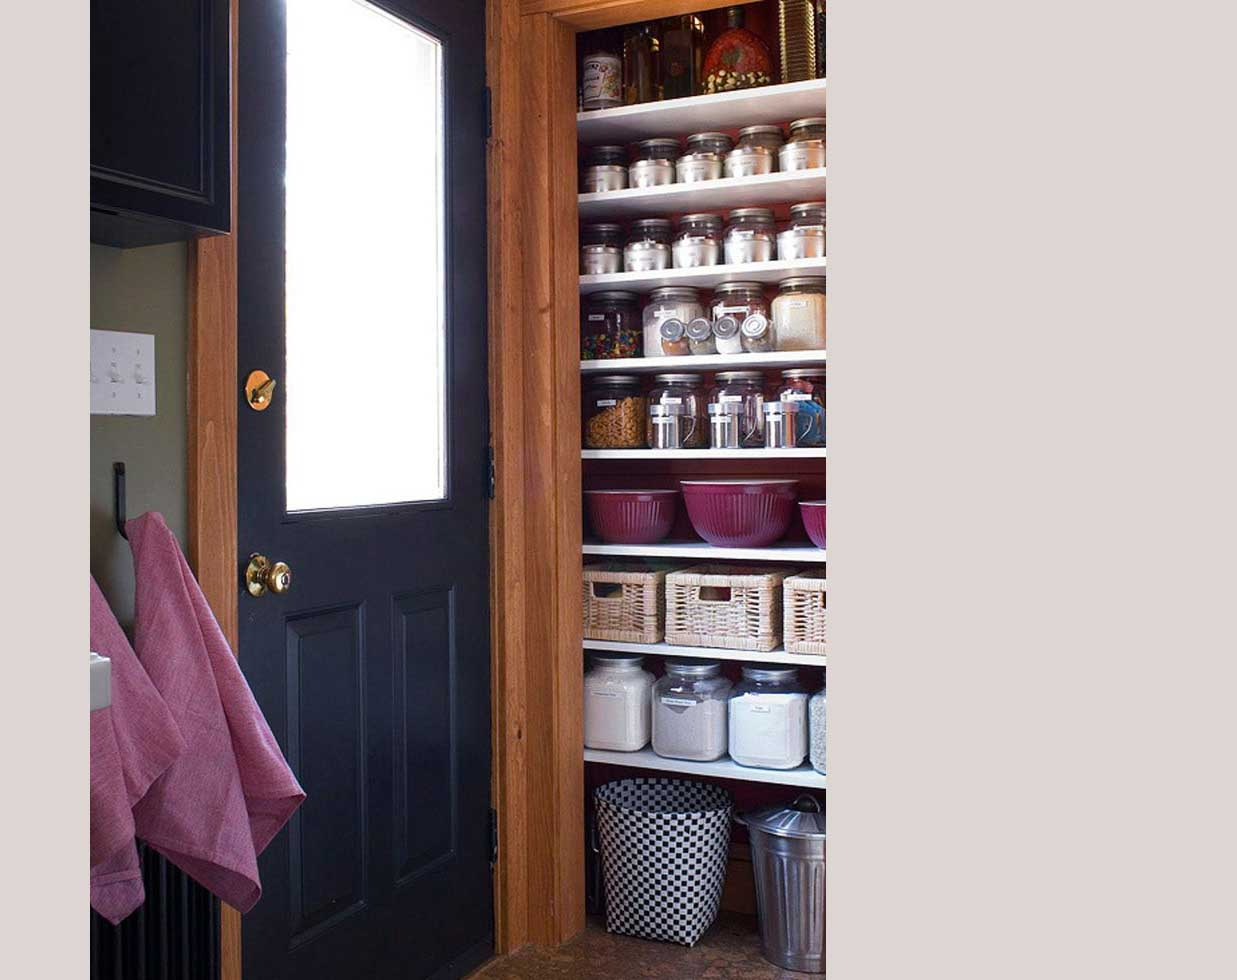 Pemanfaatan ruang kecil di balik pintu sebagai pantry, via pinterest.com